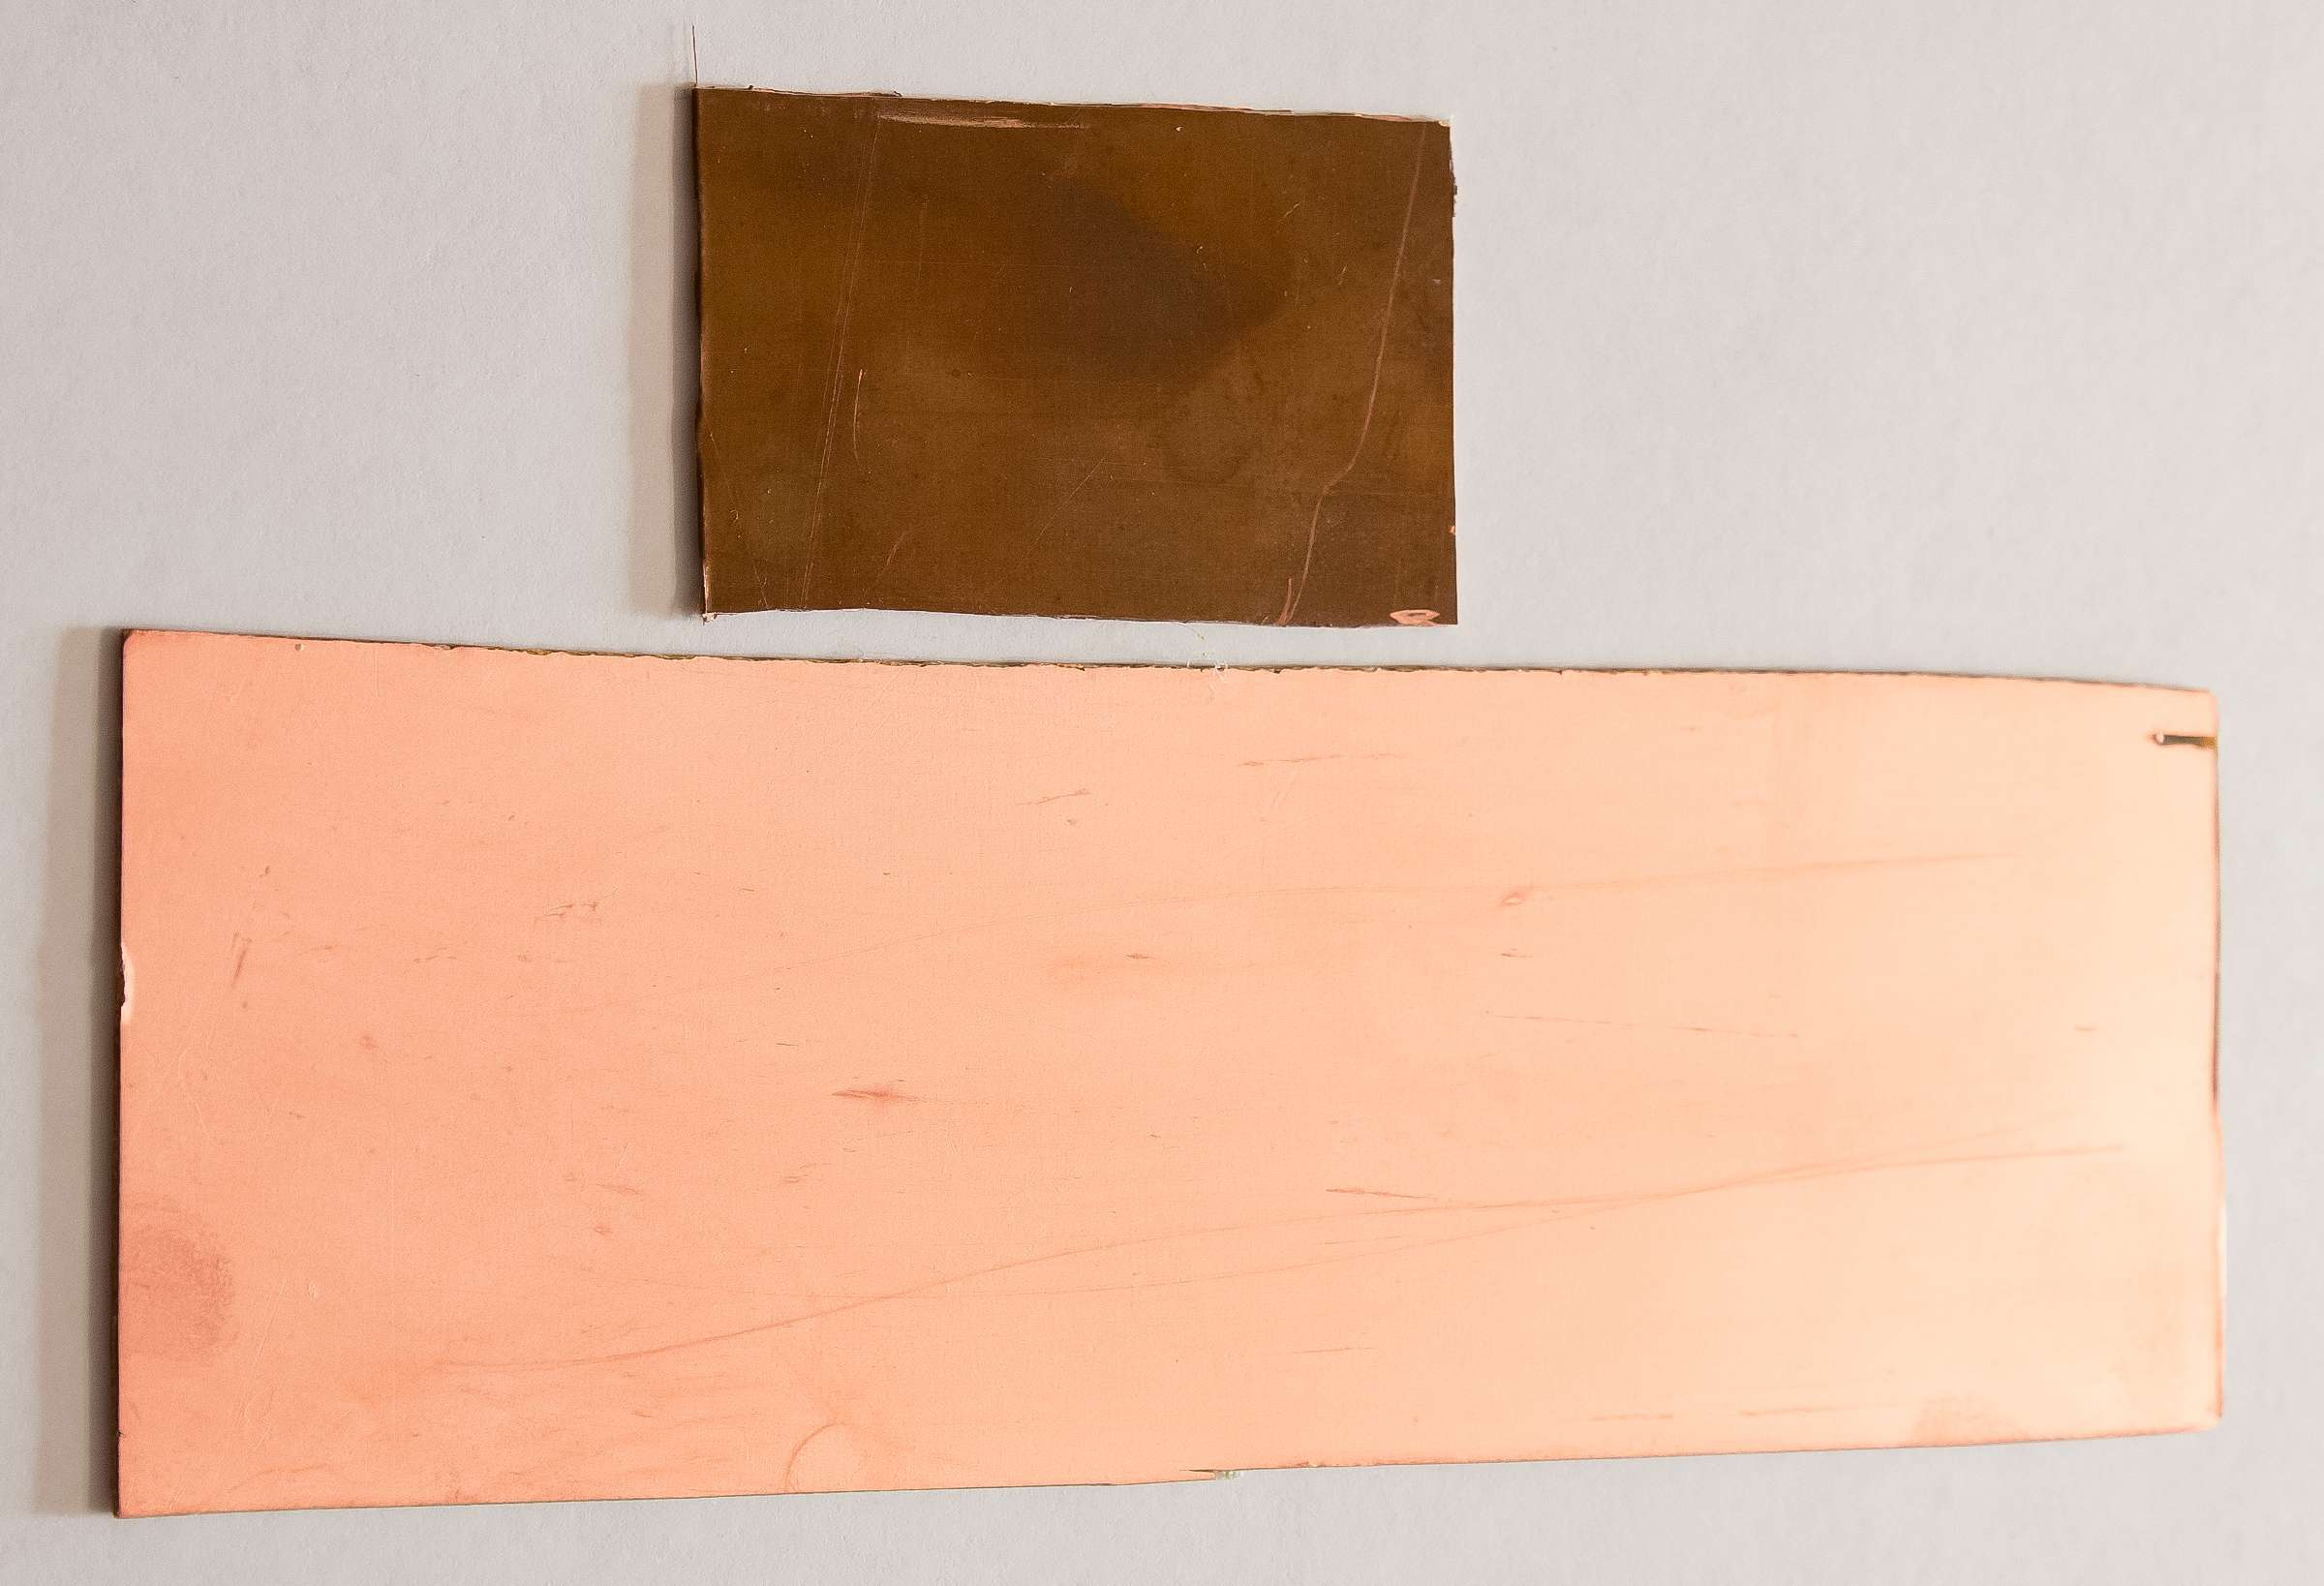 Внешний вид стеклотекстолита после химической подготовки поверхности